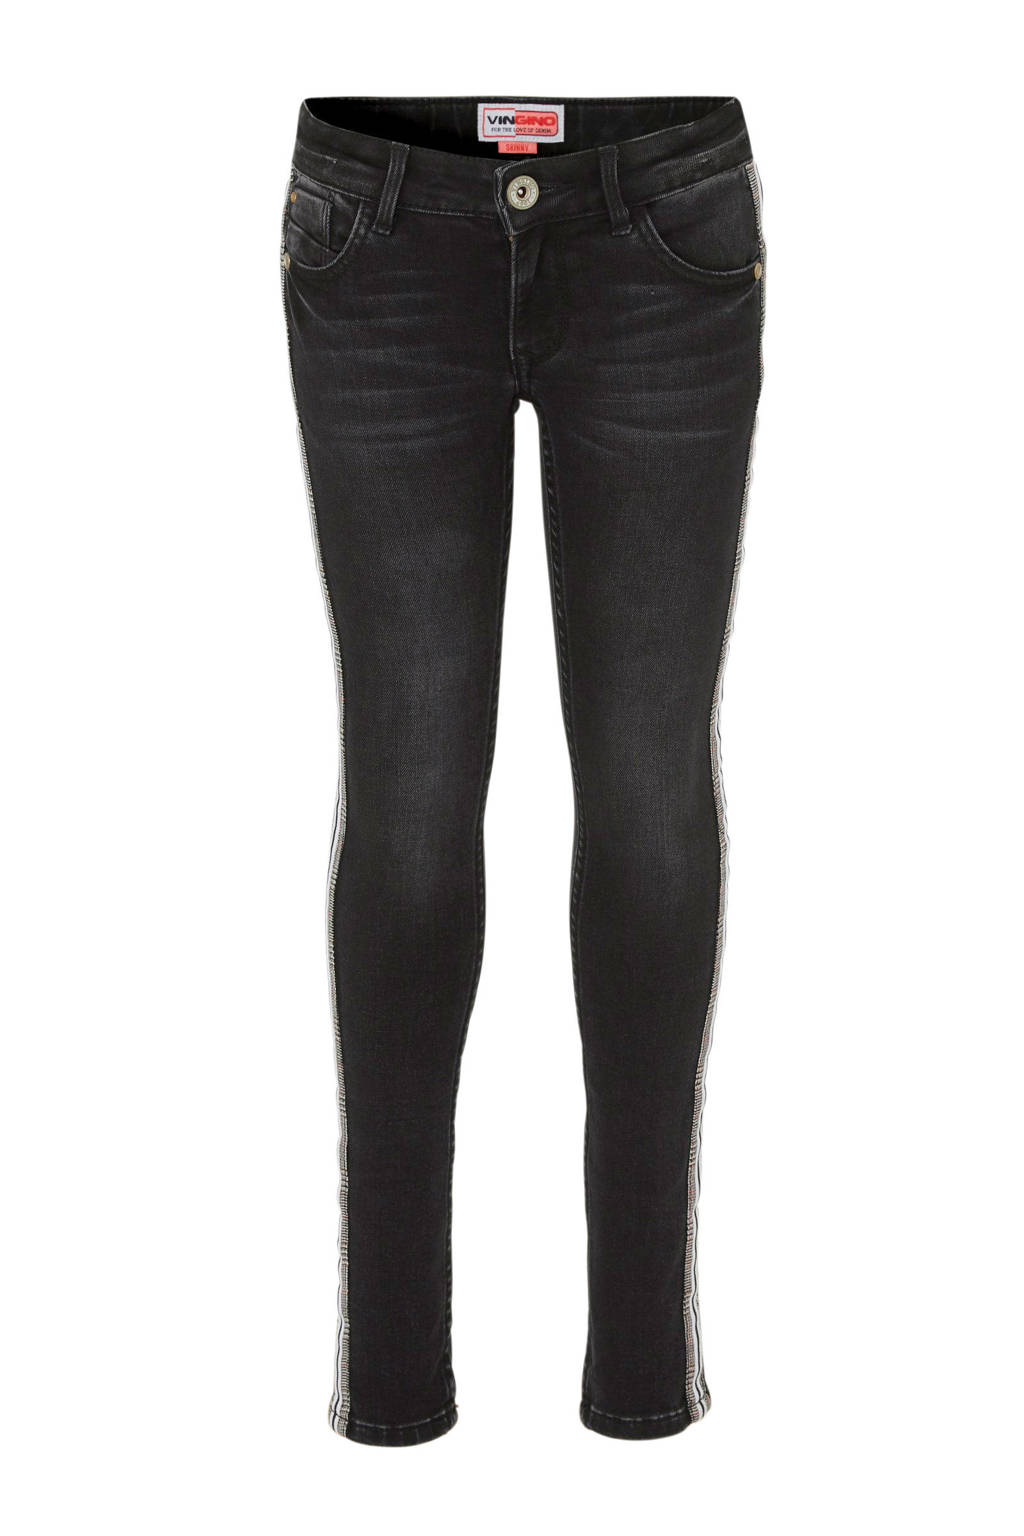 Vingino skinny jeans Amia met zijstreep zwart, Zwart